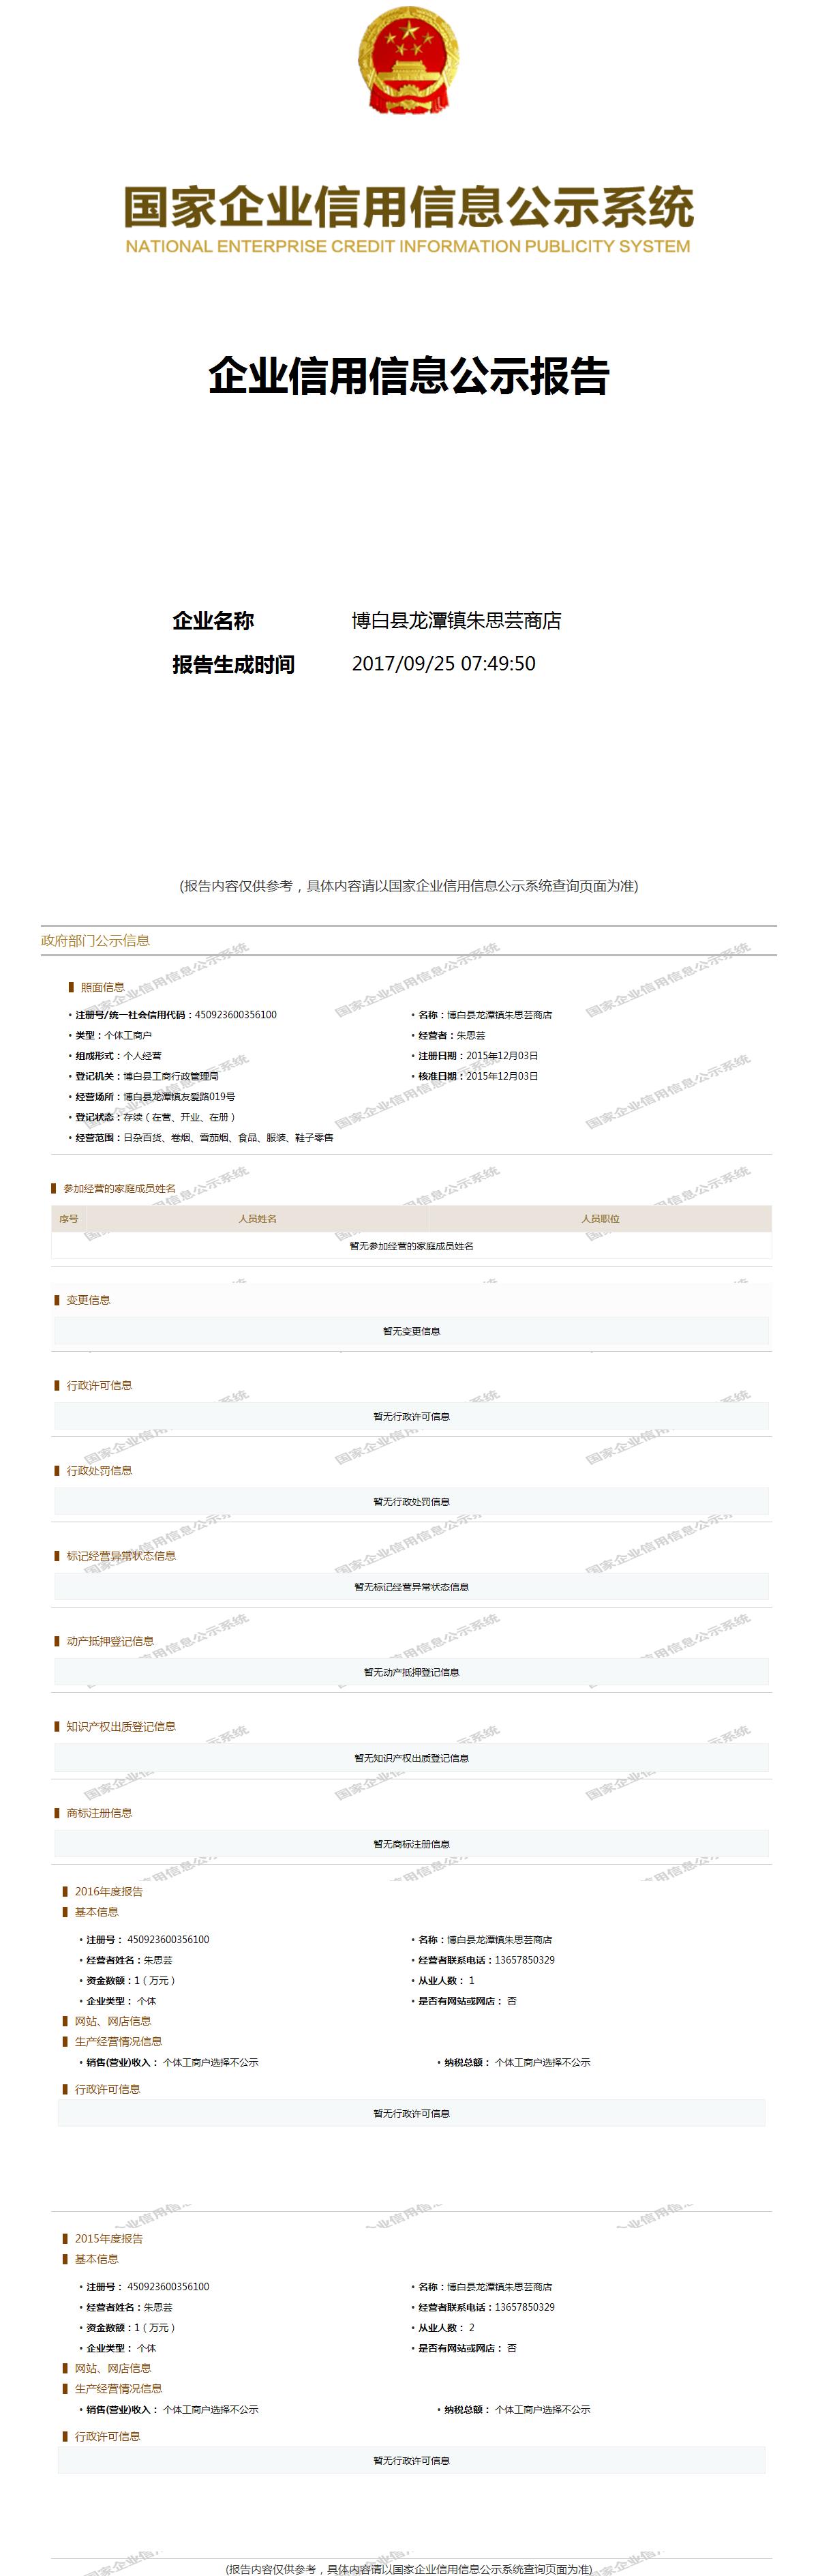 博白县龙潭镇朱思芸商店 - 工商官网信息快照